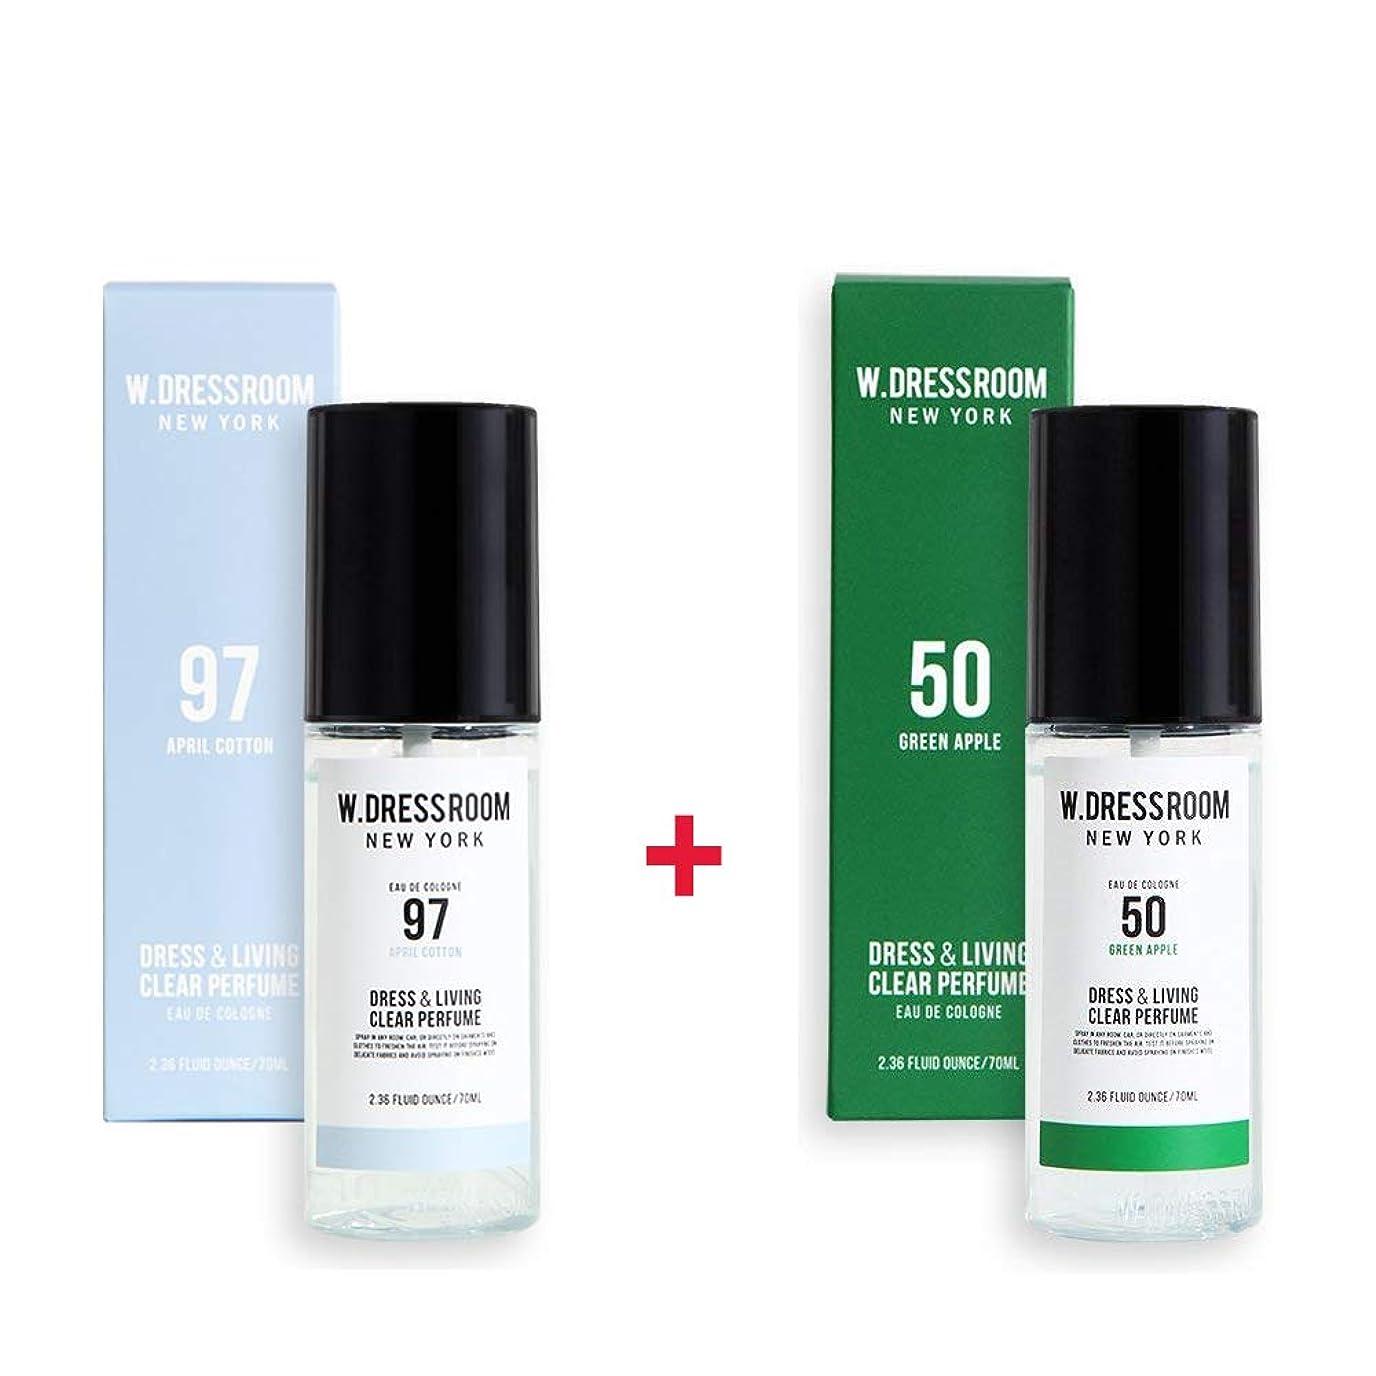 流出プロペラ支給W.DRESSROOM Dress & Living Clear Perfume 70ml (No 97 April Cotton)+(No 50 Green Apple)